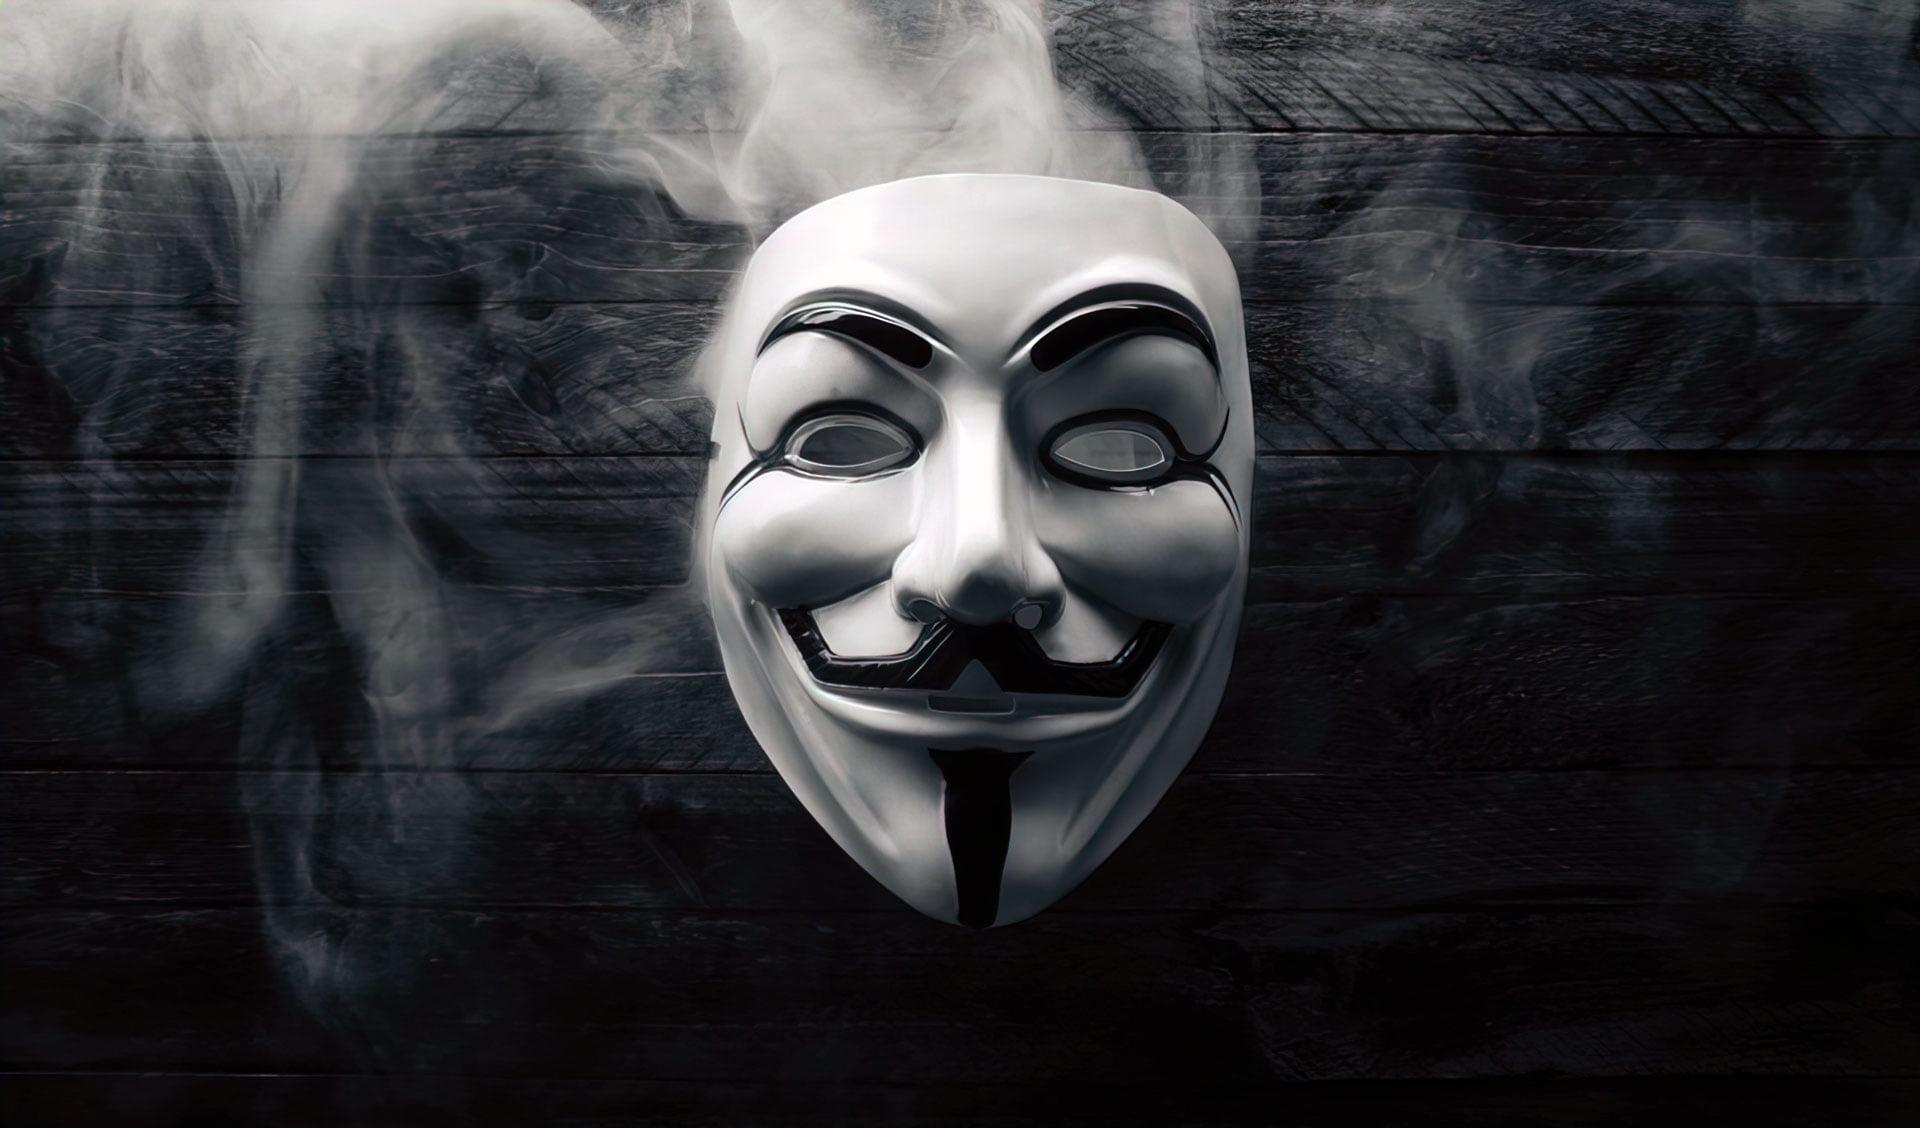 Хакеры угрожают Илону Маску из-за его твитов о криптовалюте